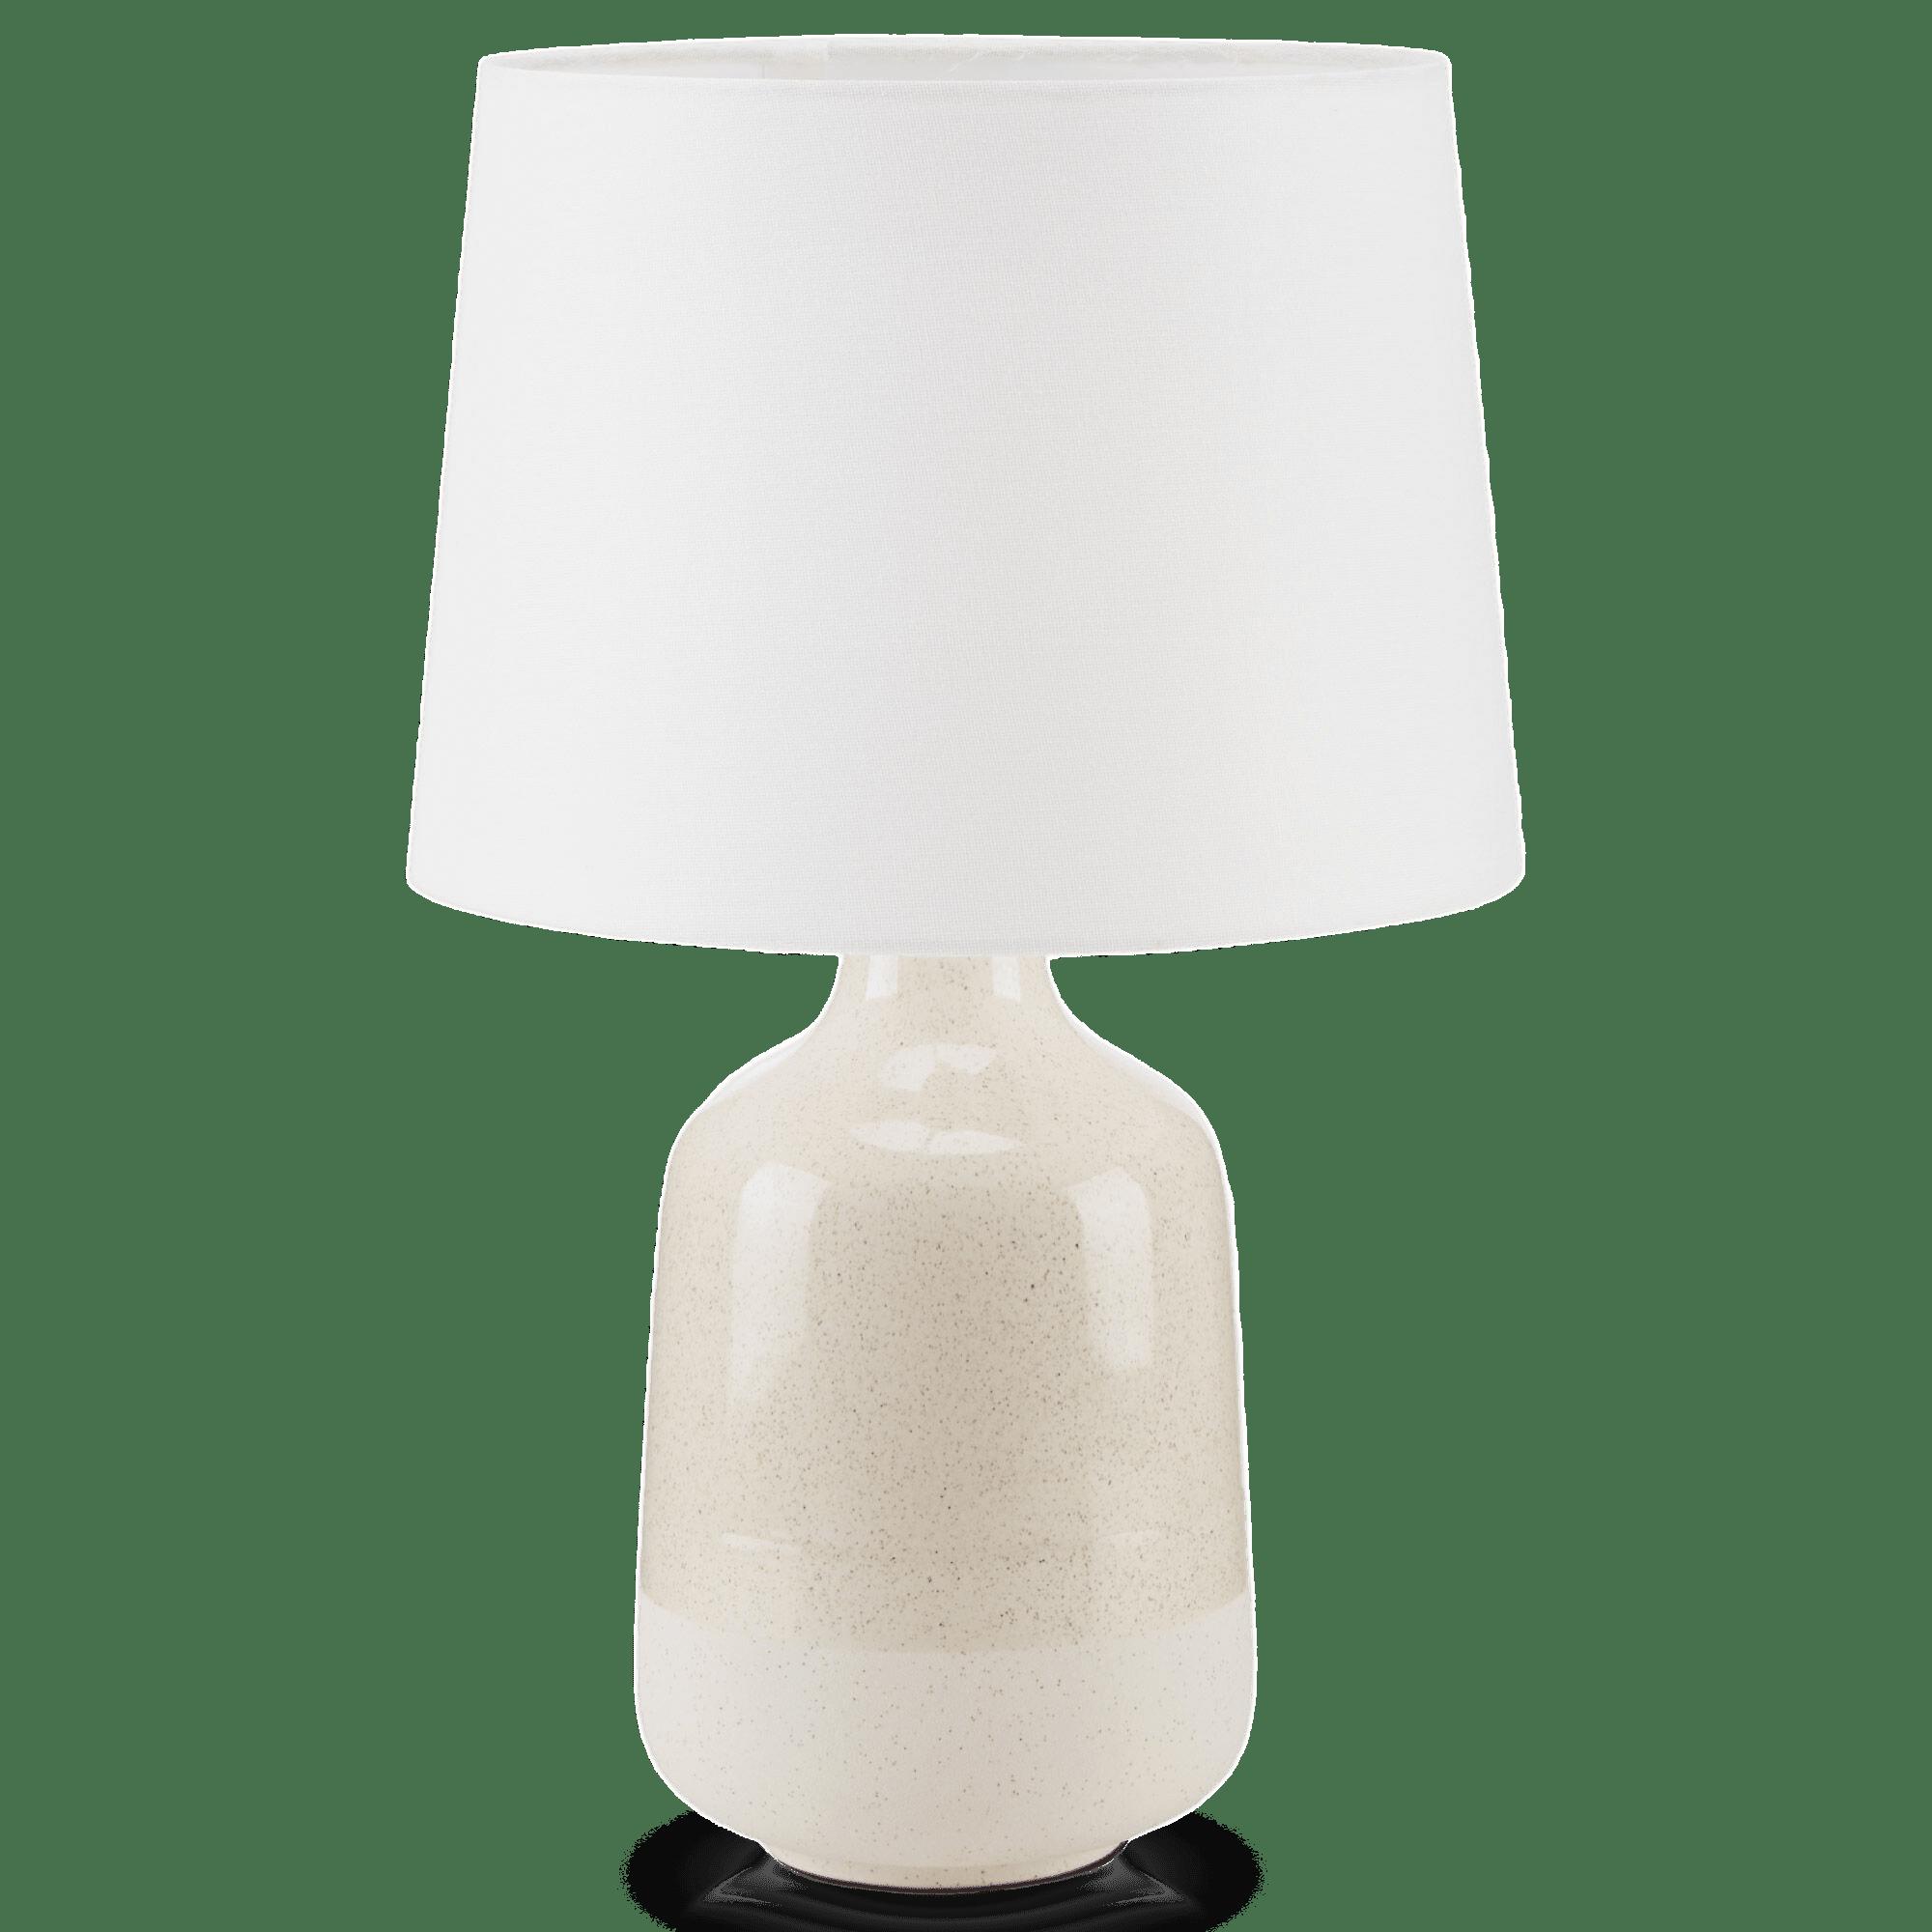 Glossed Ceramic Table Lamp